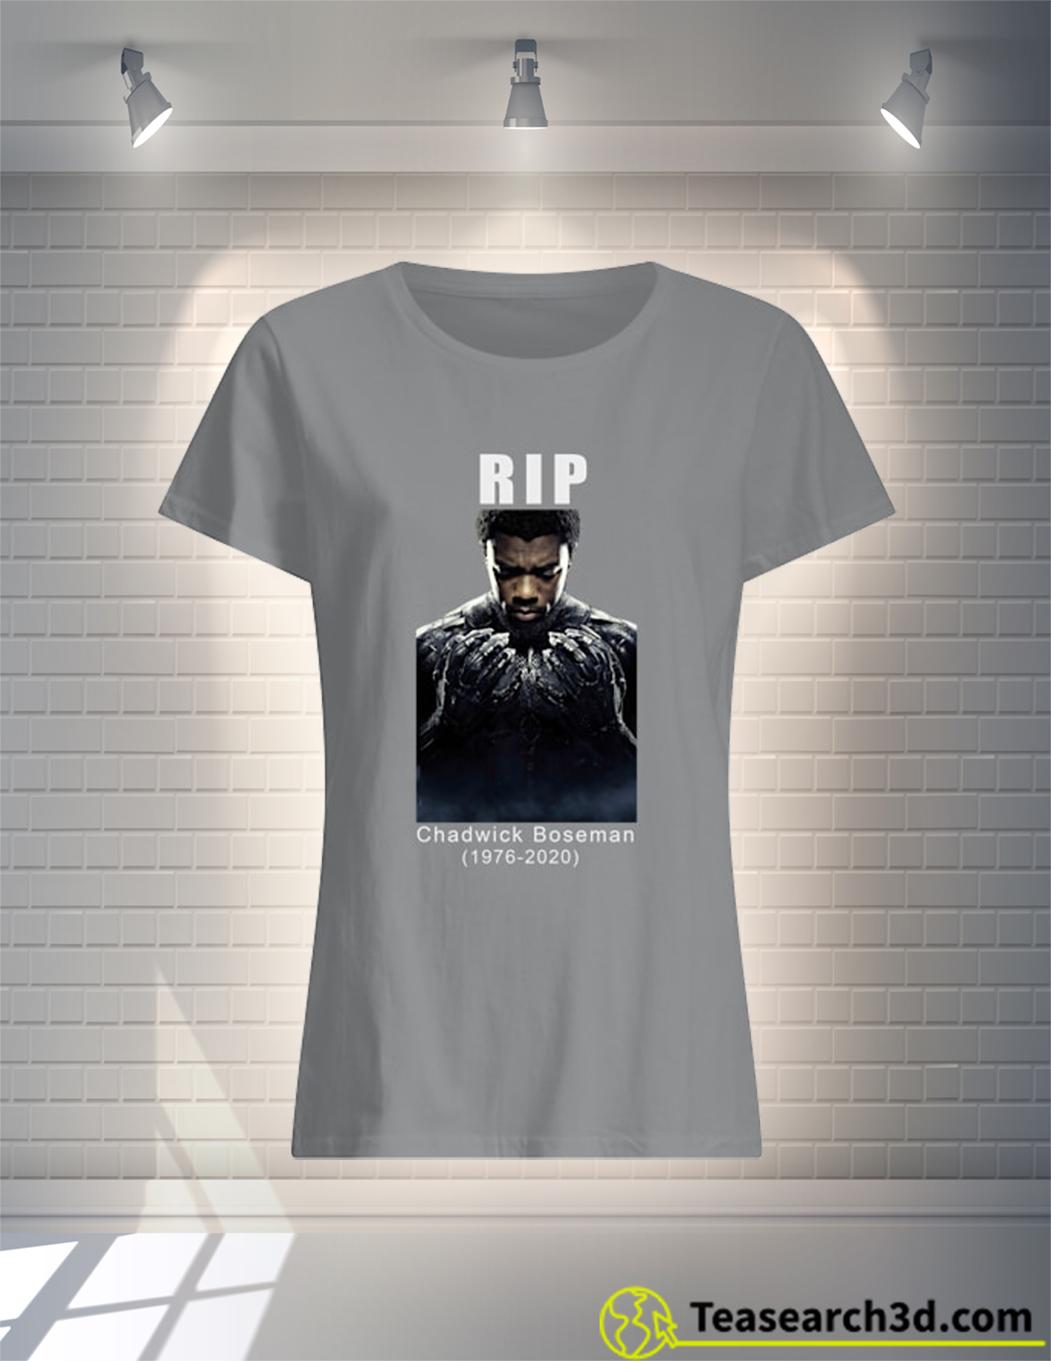 Rip Chadwick boseman 1976 2020 t-shirt